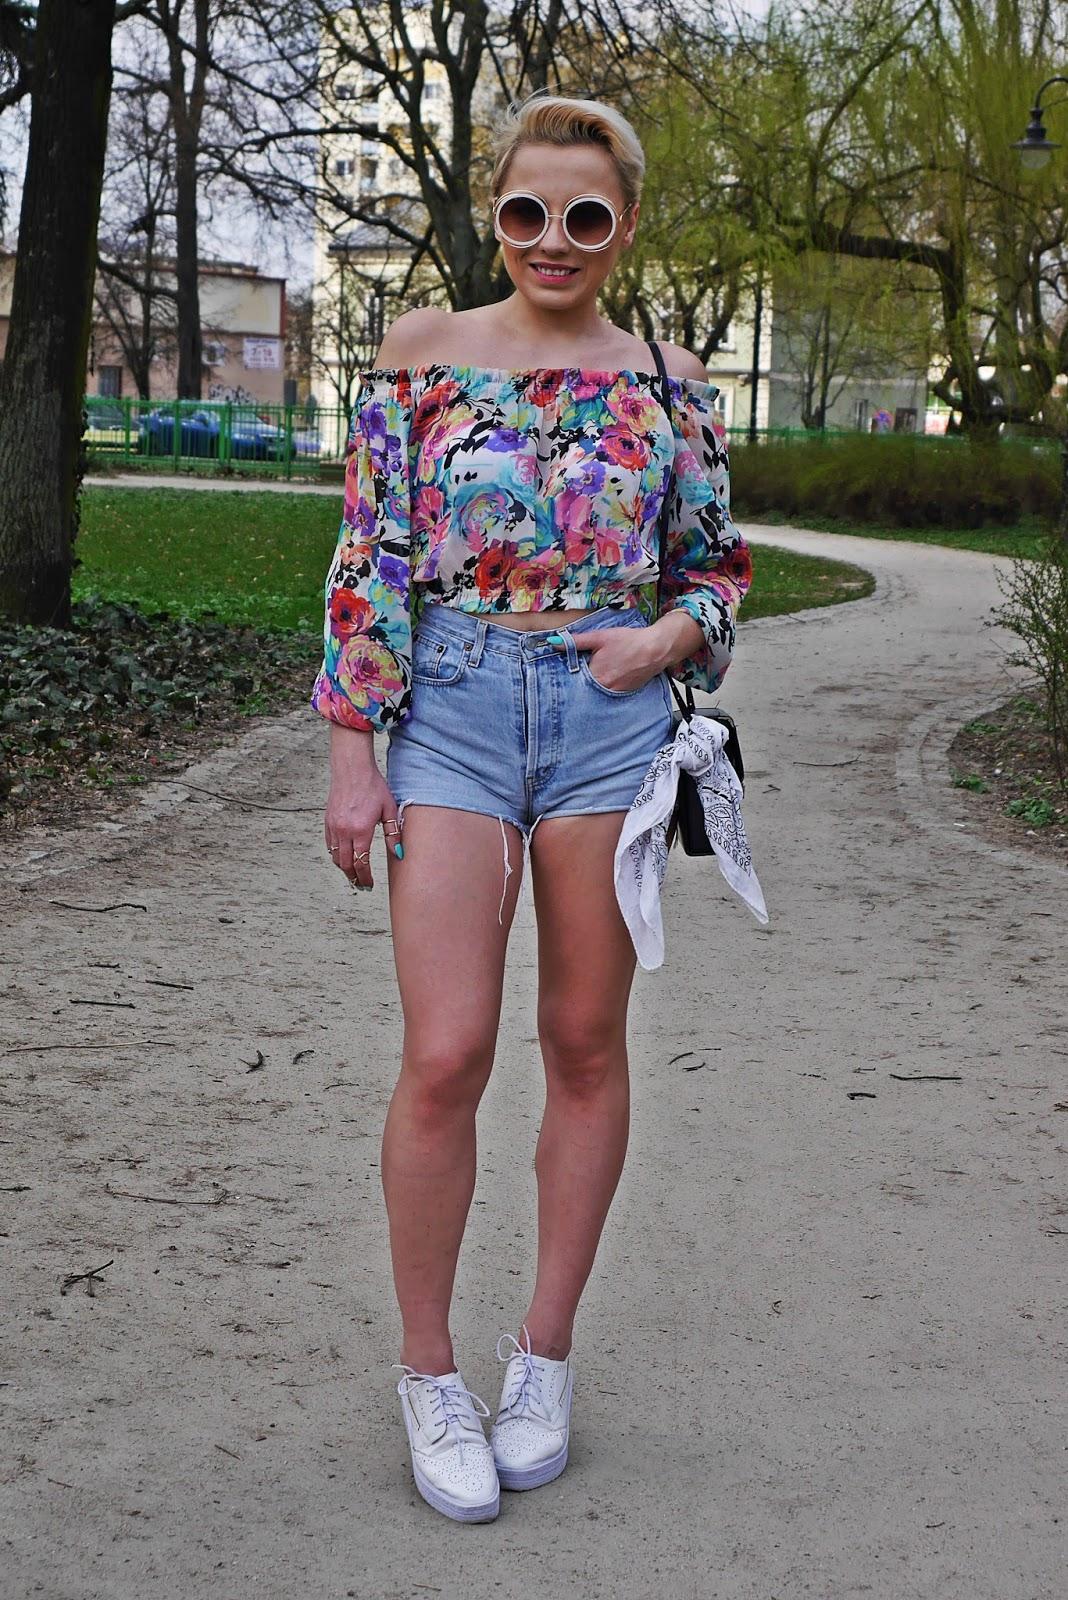 szorty_z-wysokim_stanem_koszulka_bez_ramion_platformy_biale_karyn_blog_110417hg